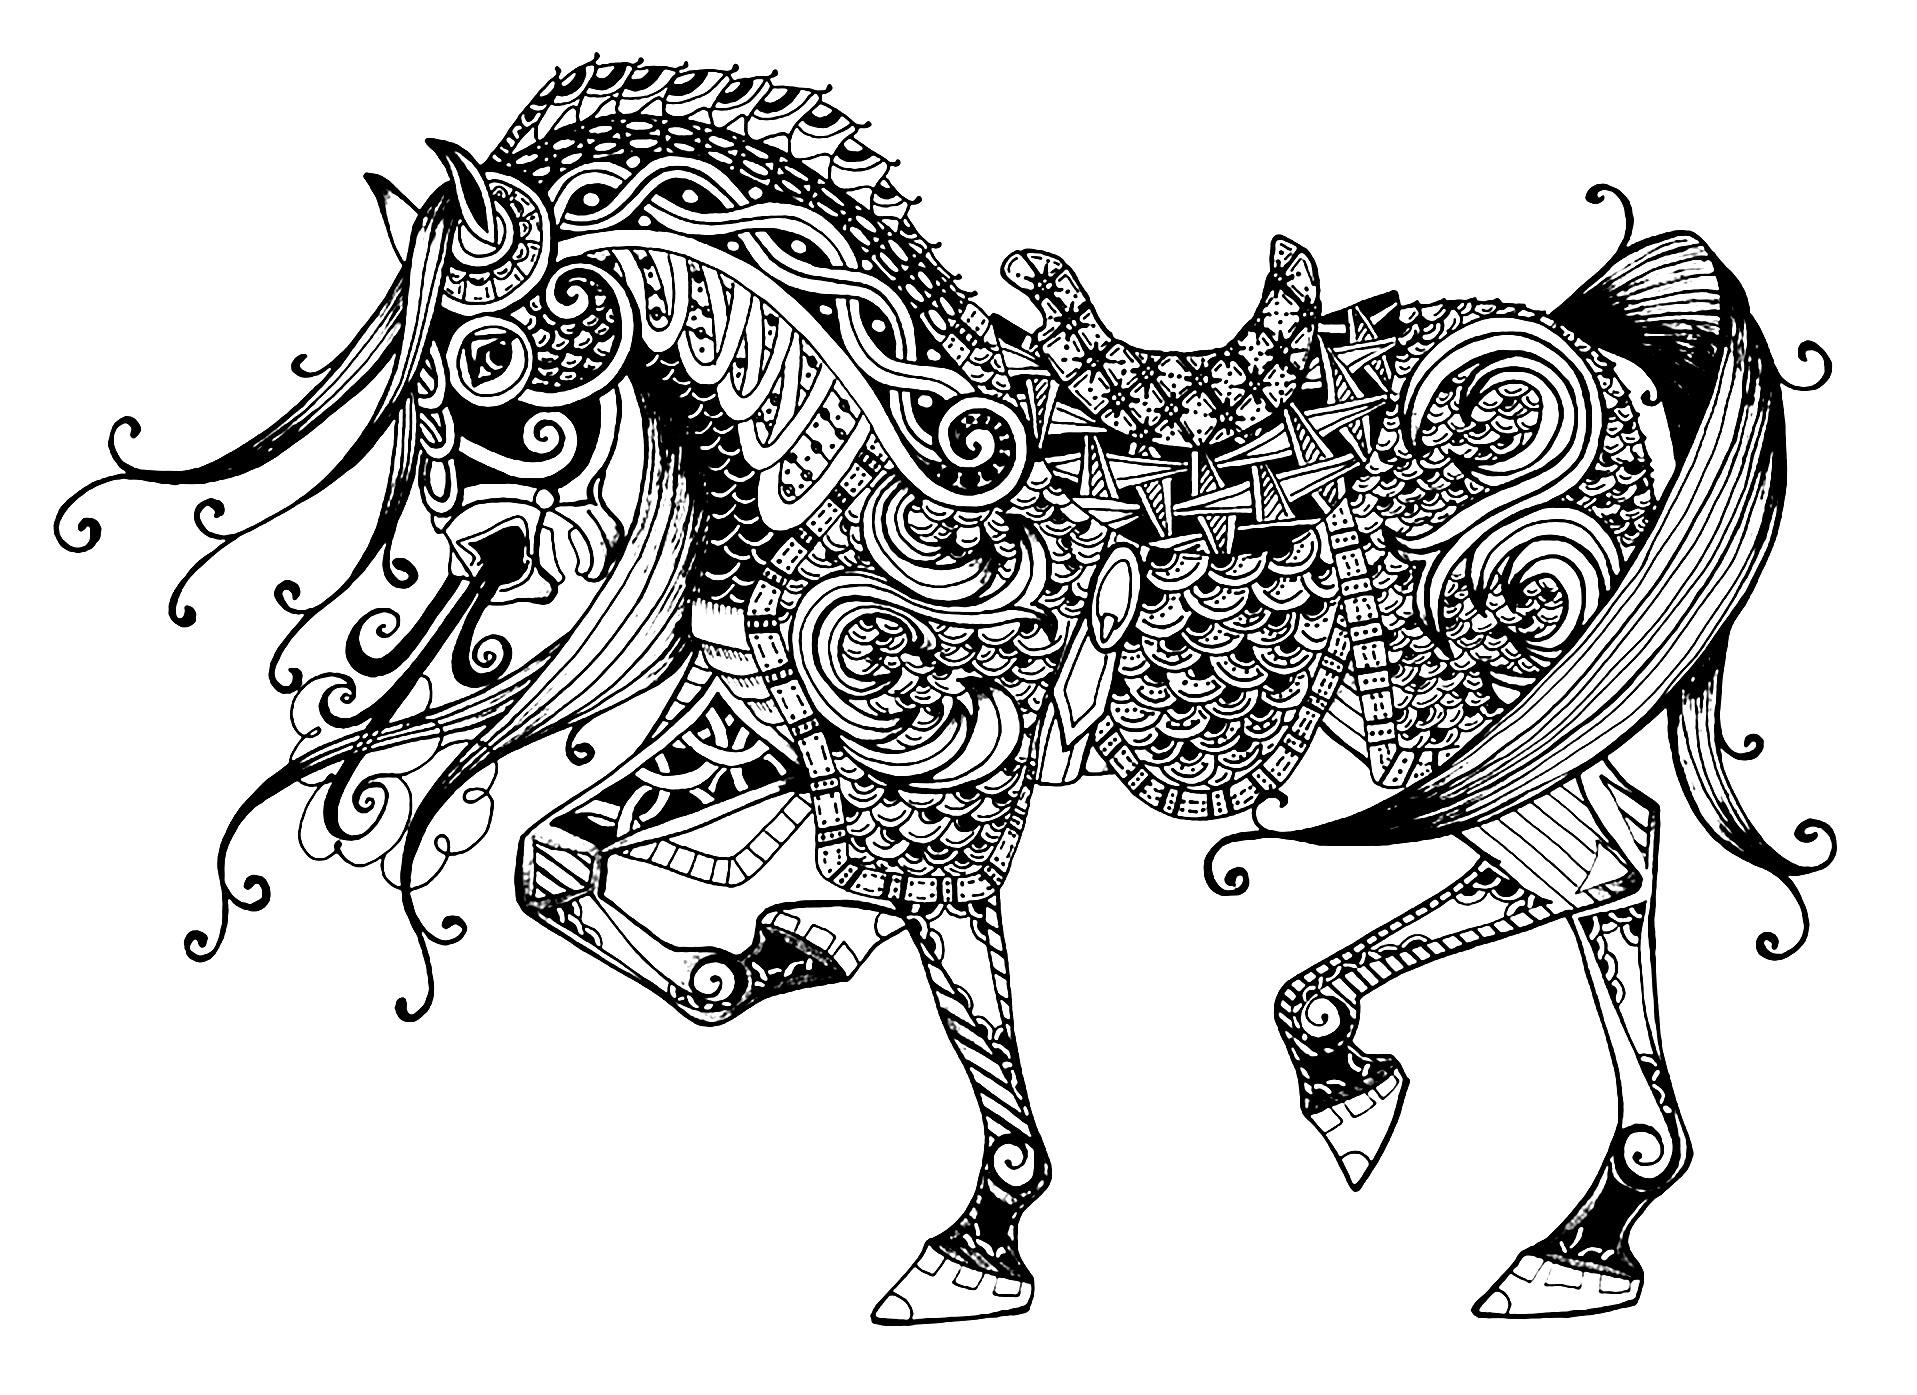 Cavalli 17022 cavalli disegni da colorare per adulti - Pagine da colorare pesci per adulti ...